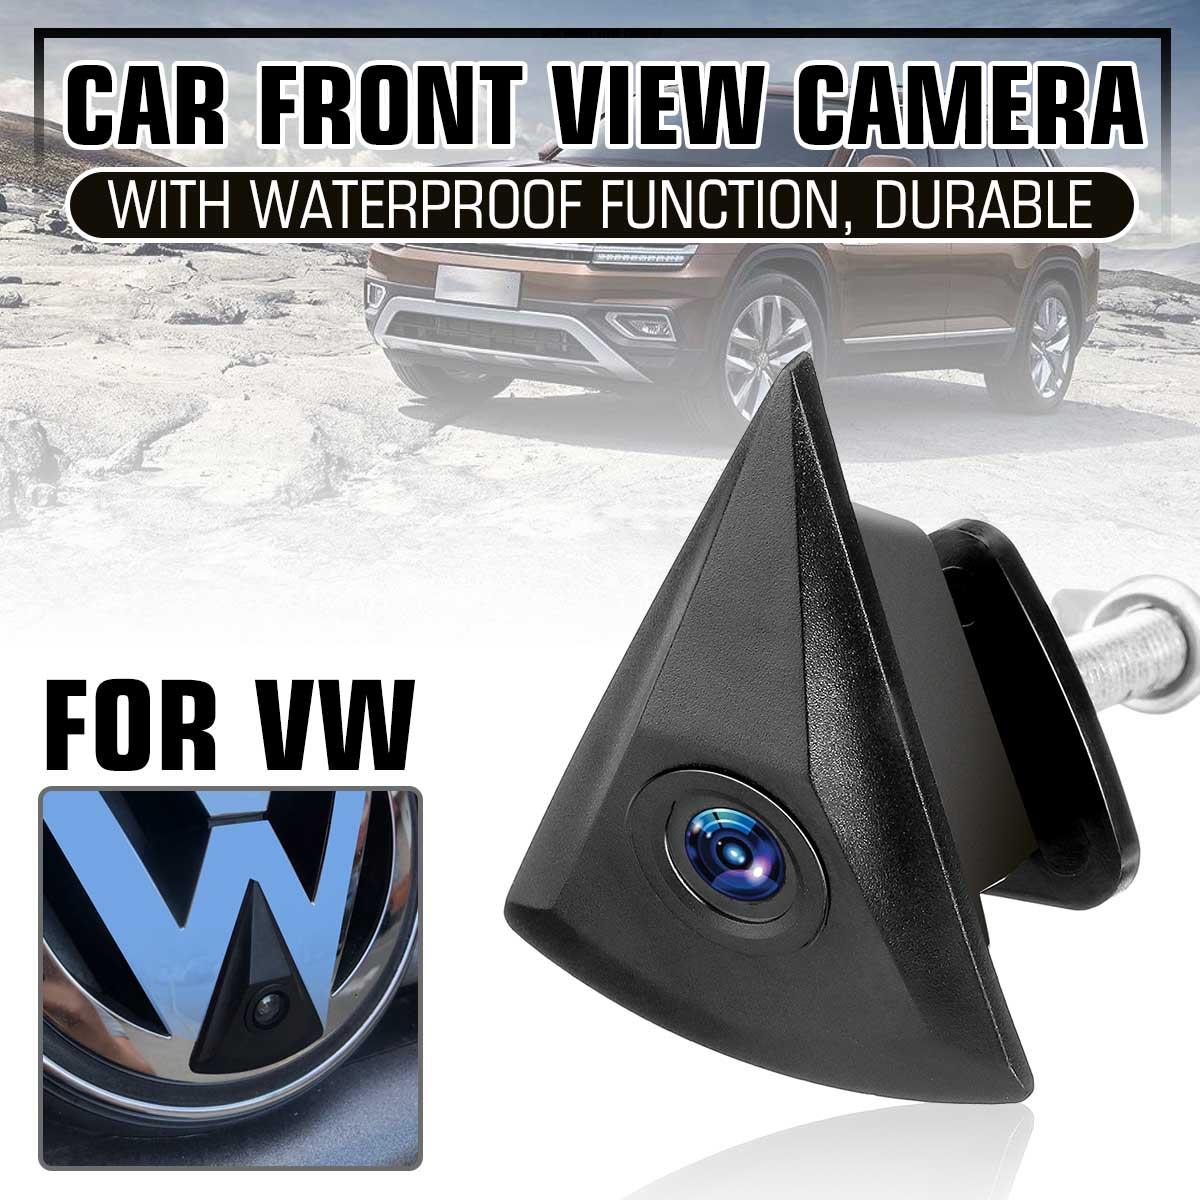 CCD HD كاميرا ذات رؤية أمامية للسيارات شعار مقاوم للماء 170 درجة لشركة فولكس فاجن فولكس فاجن جولف جيتا طوارق باسات بولو تيجوان بورا